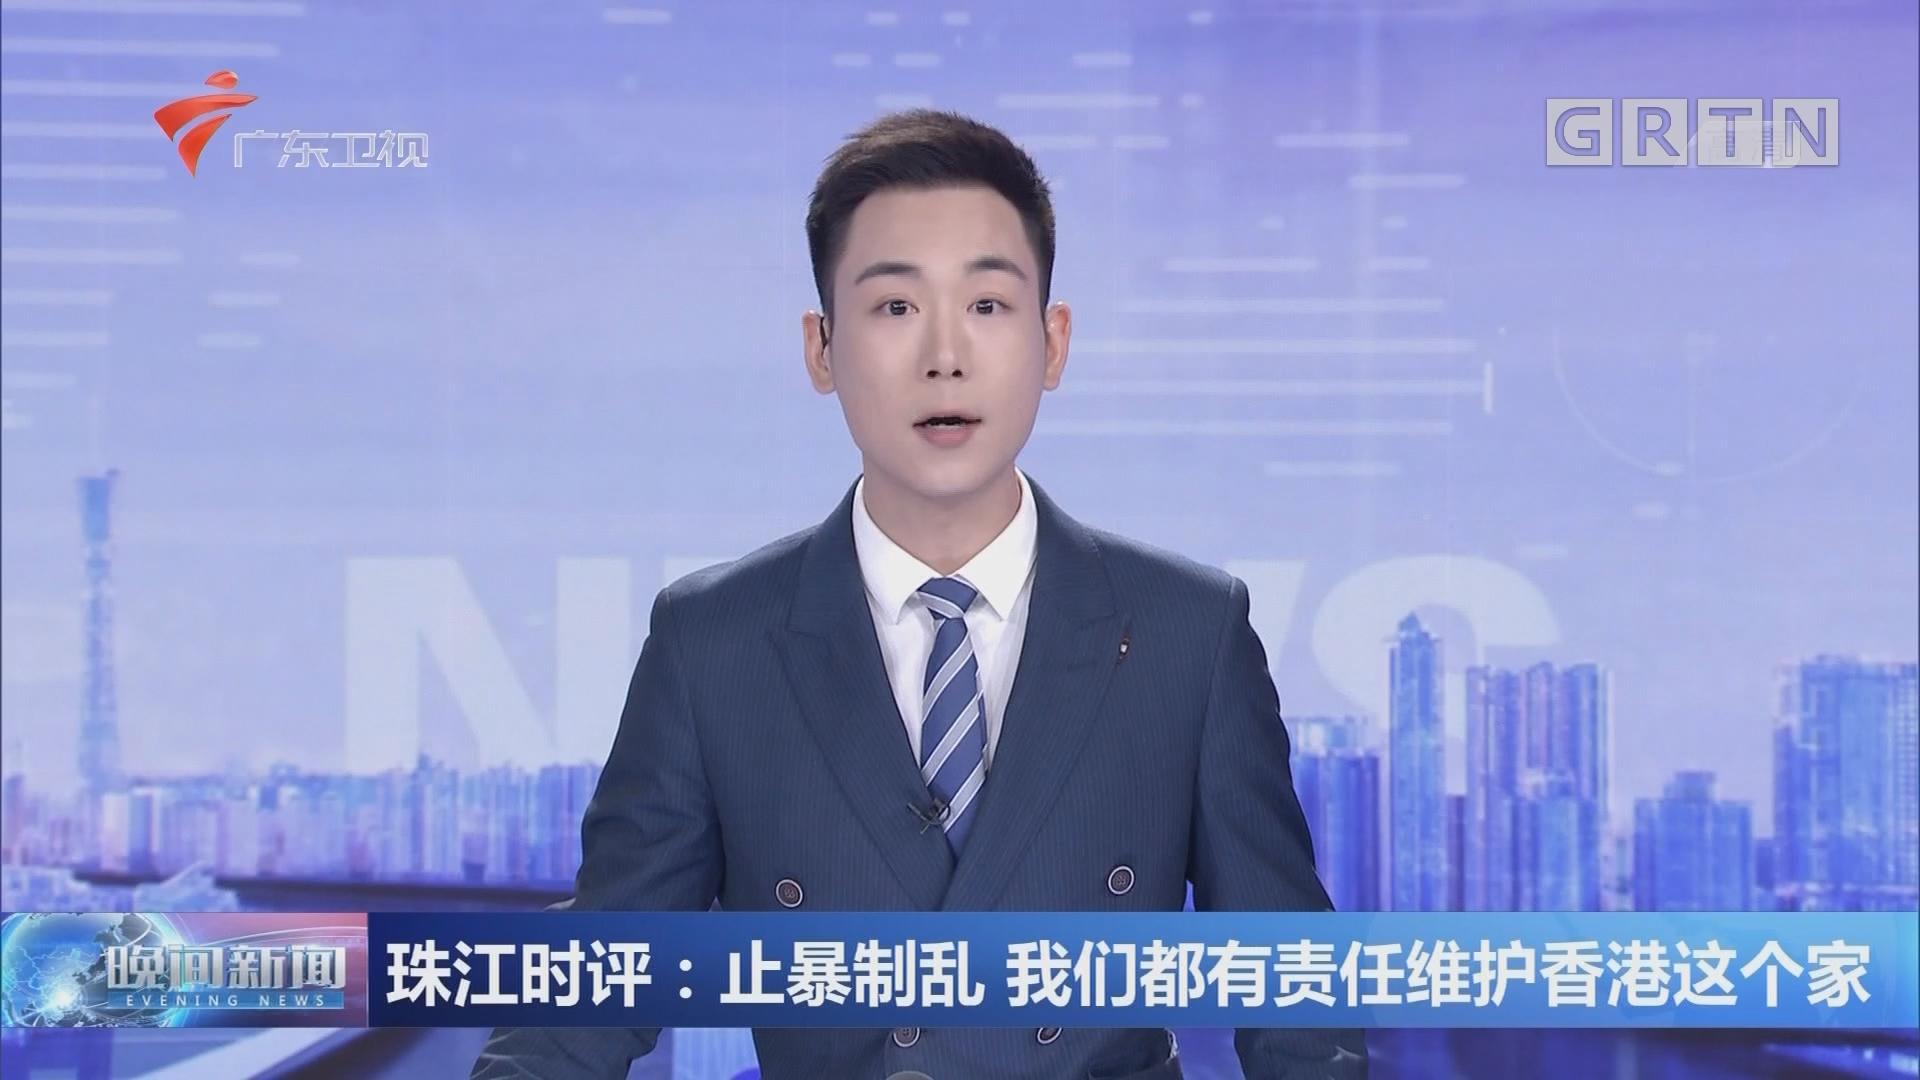 珠江时评:止暴制乱 我们都有责任维护香港这个家